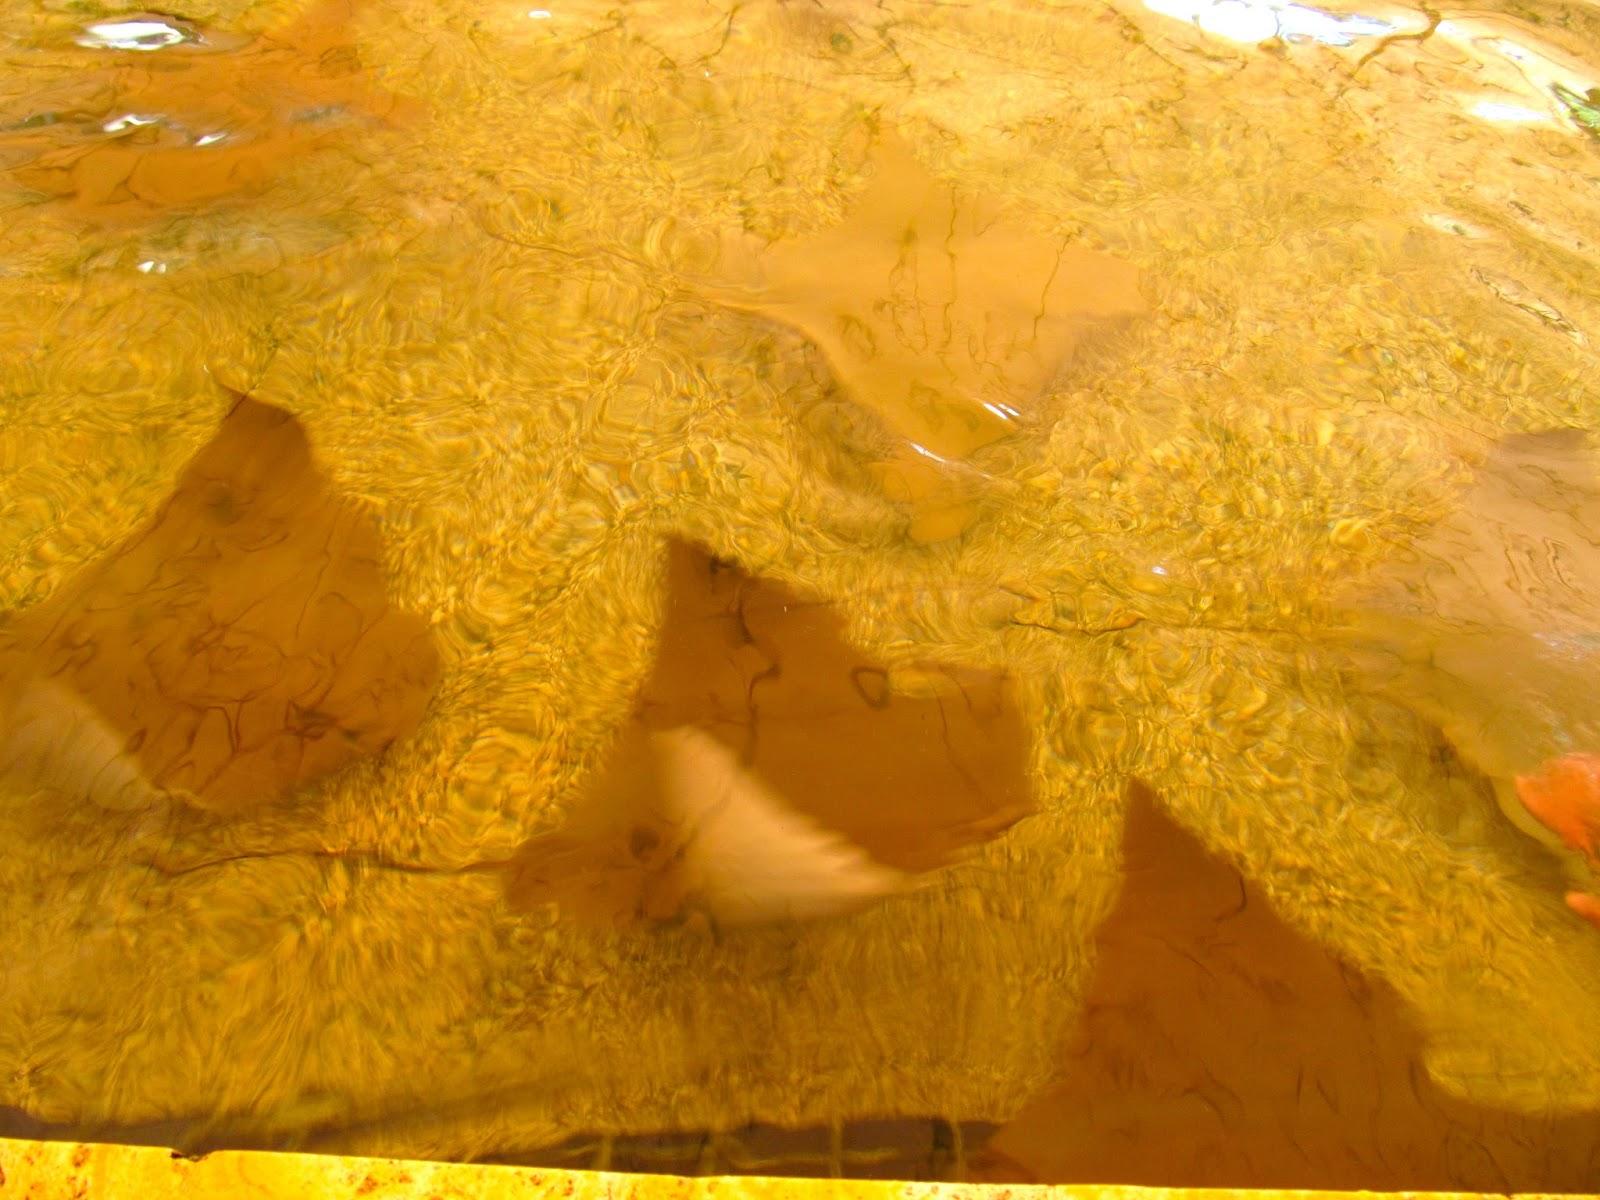 Stingrays at Miami Seaquarium, FL - ouroutdoortravels.blogspot.com